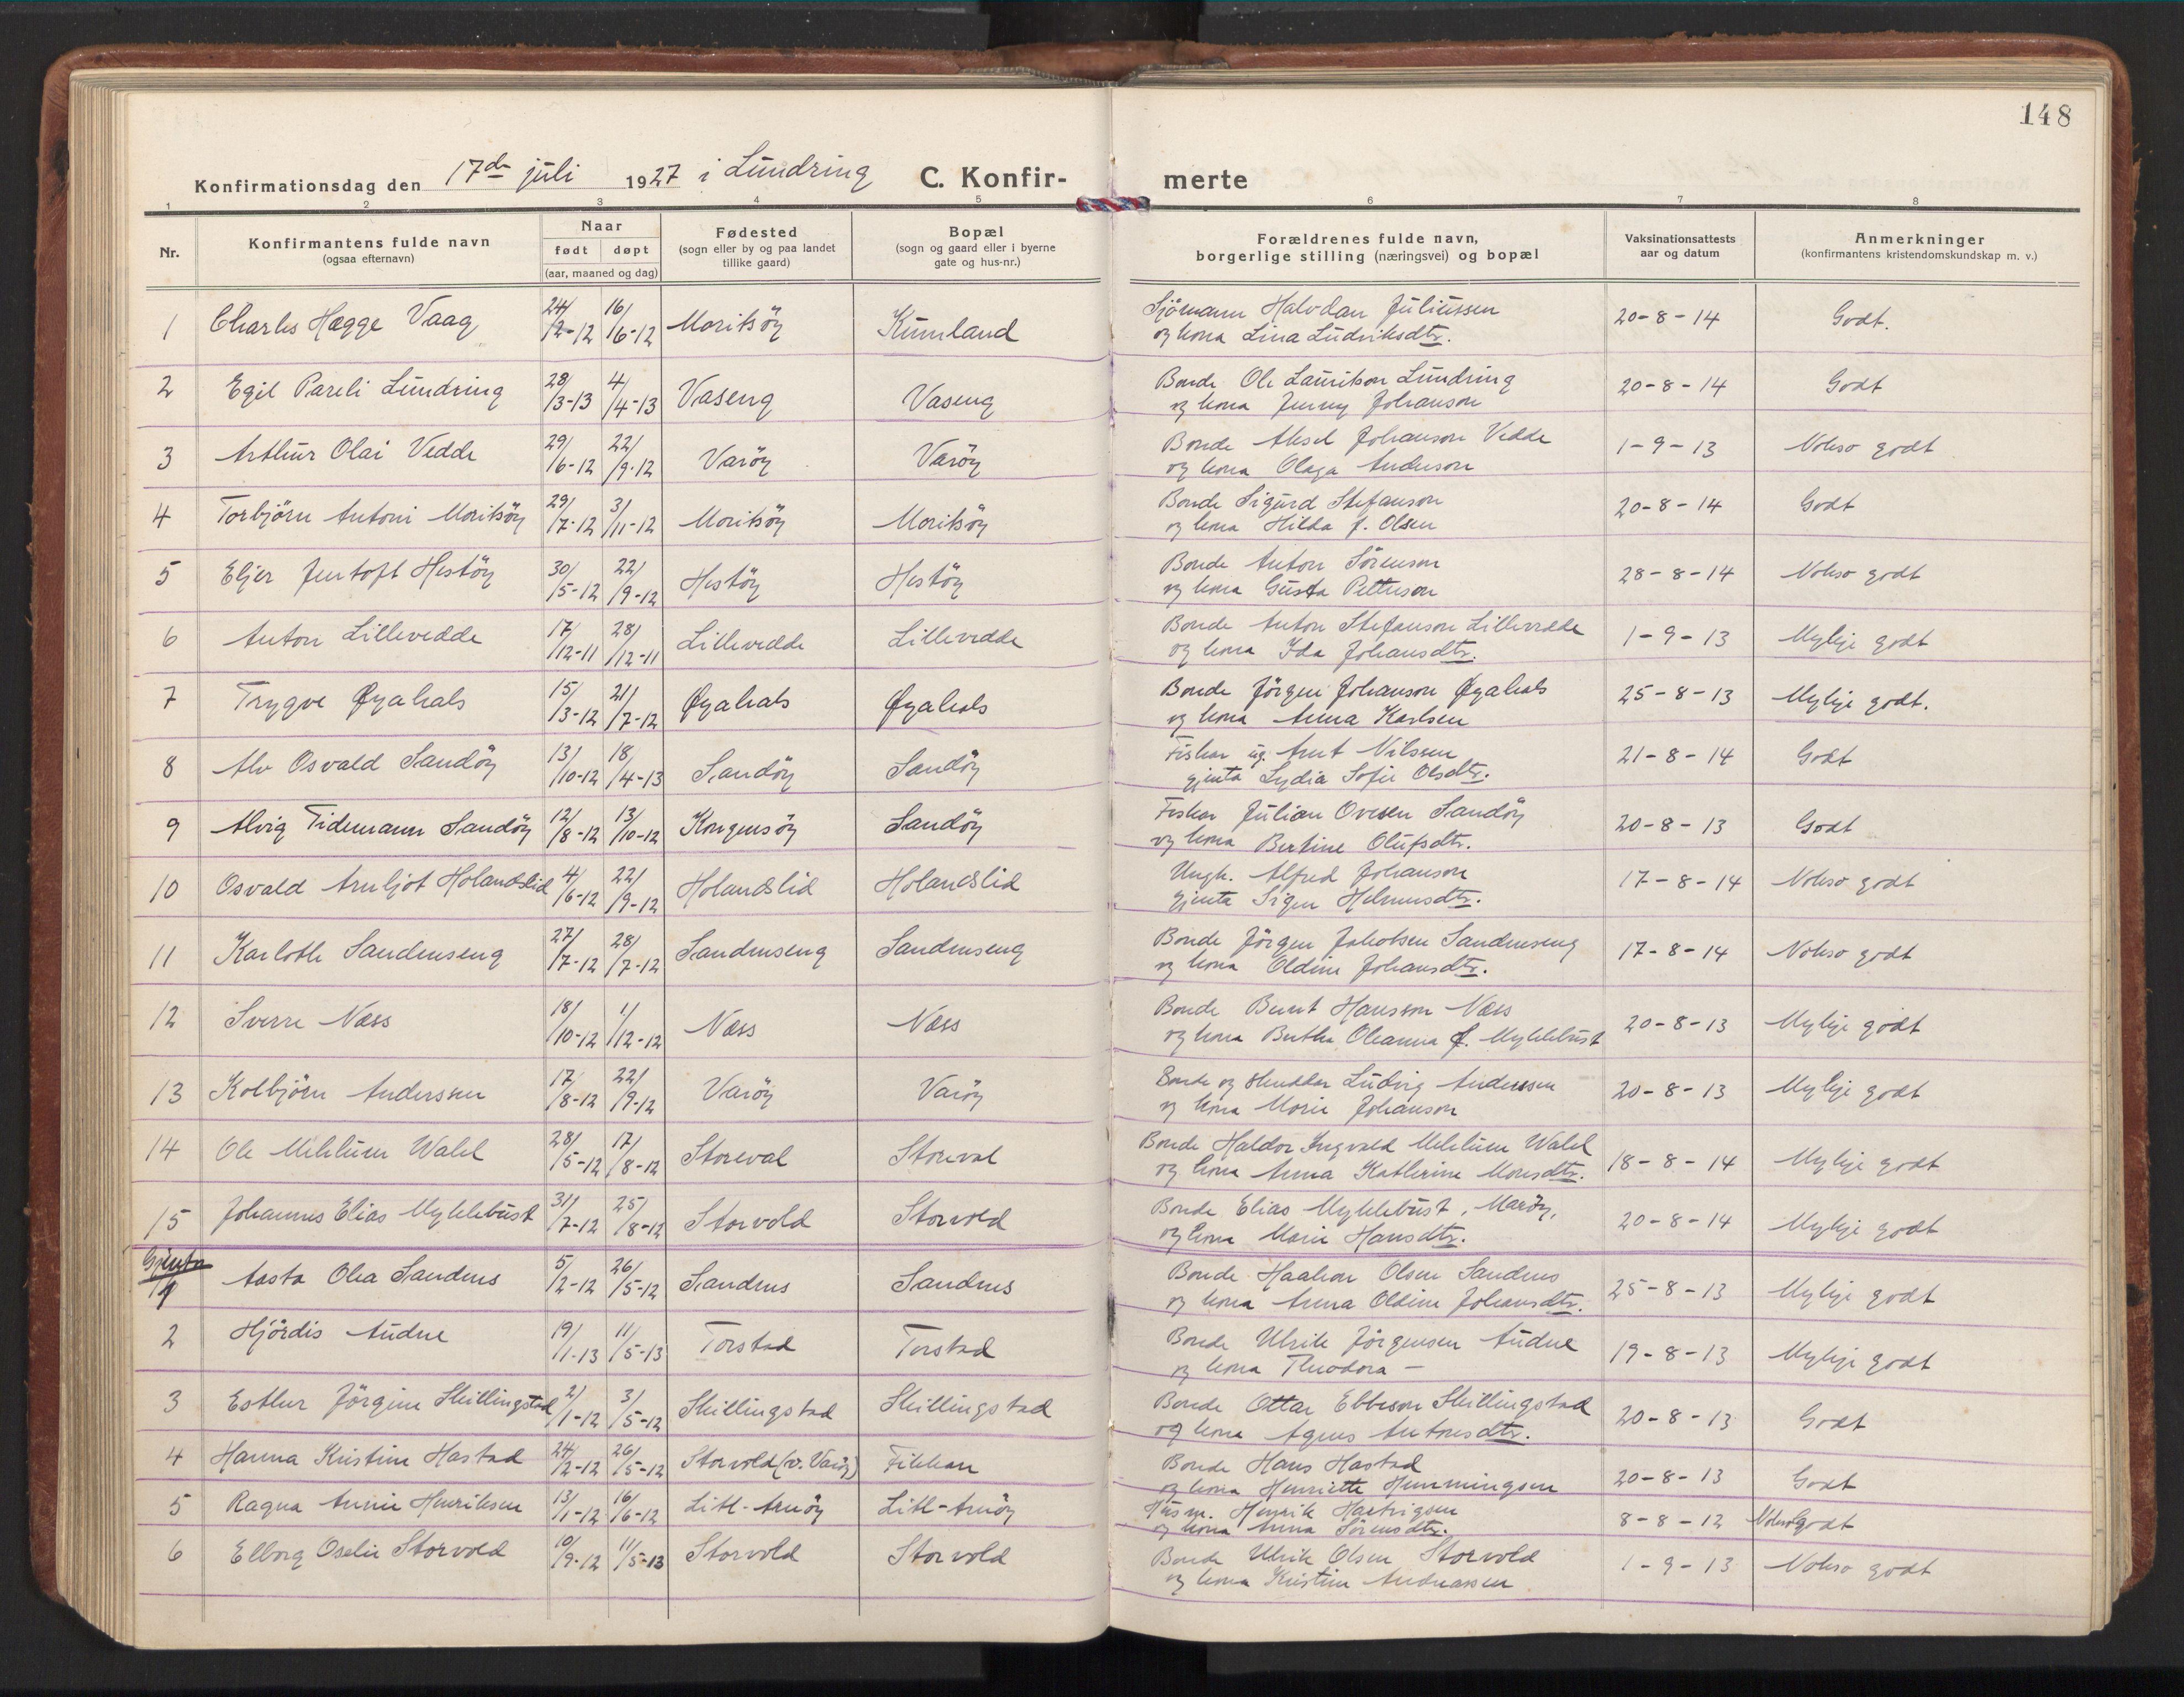 SAT, Ministerialprotokoller, klokkerbøker og fødselsregistre - Nord-Trøndelag, 784/L0678: Ministerialbok nr. 784A13, 1921-1938, s. 148